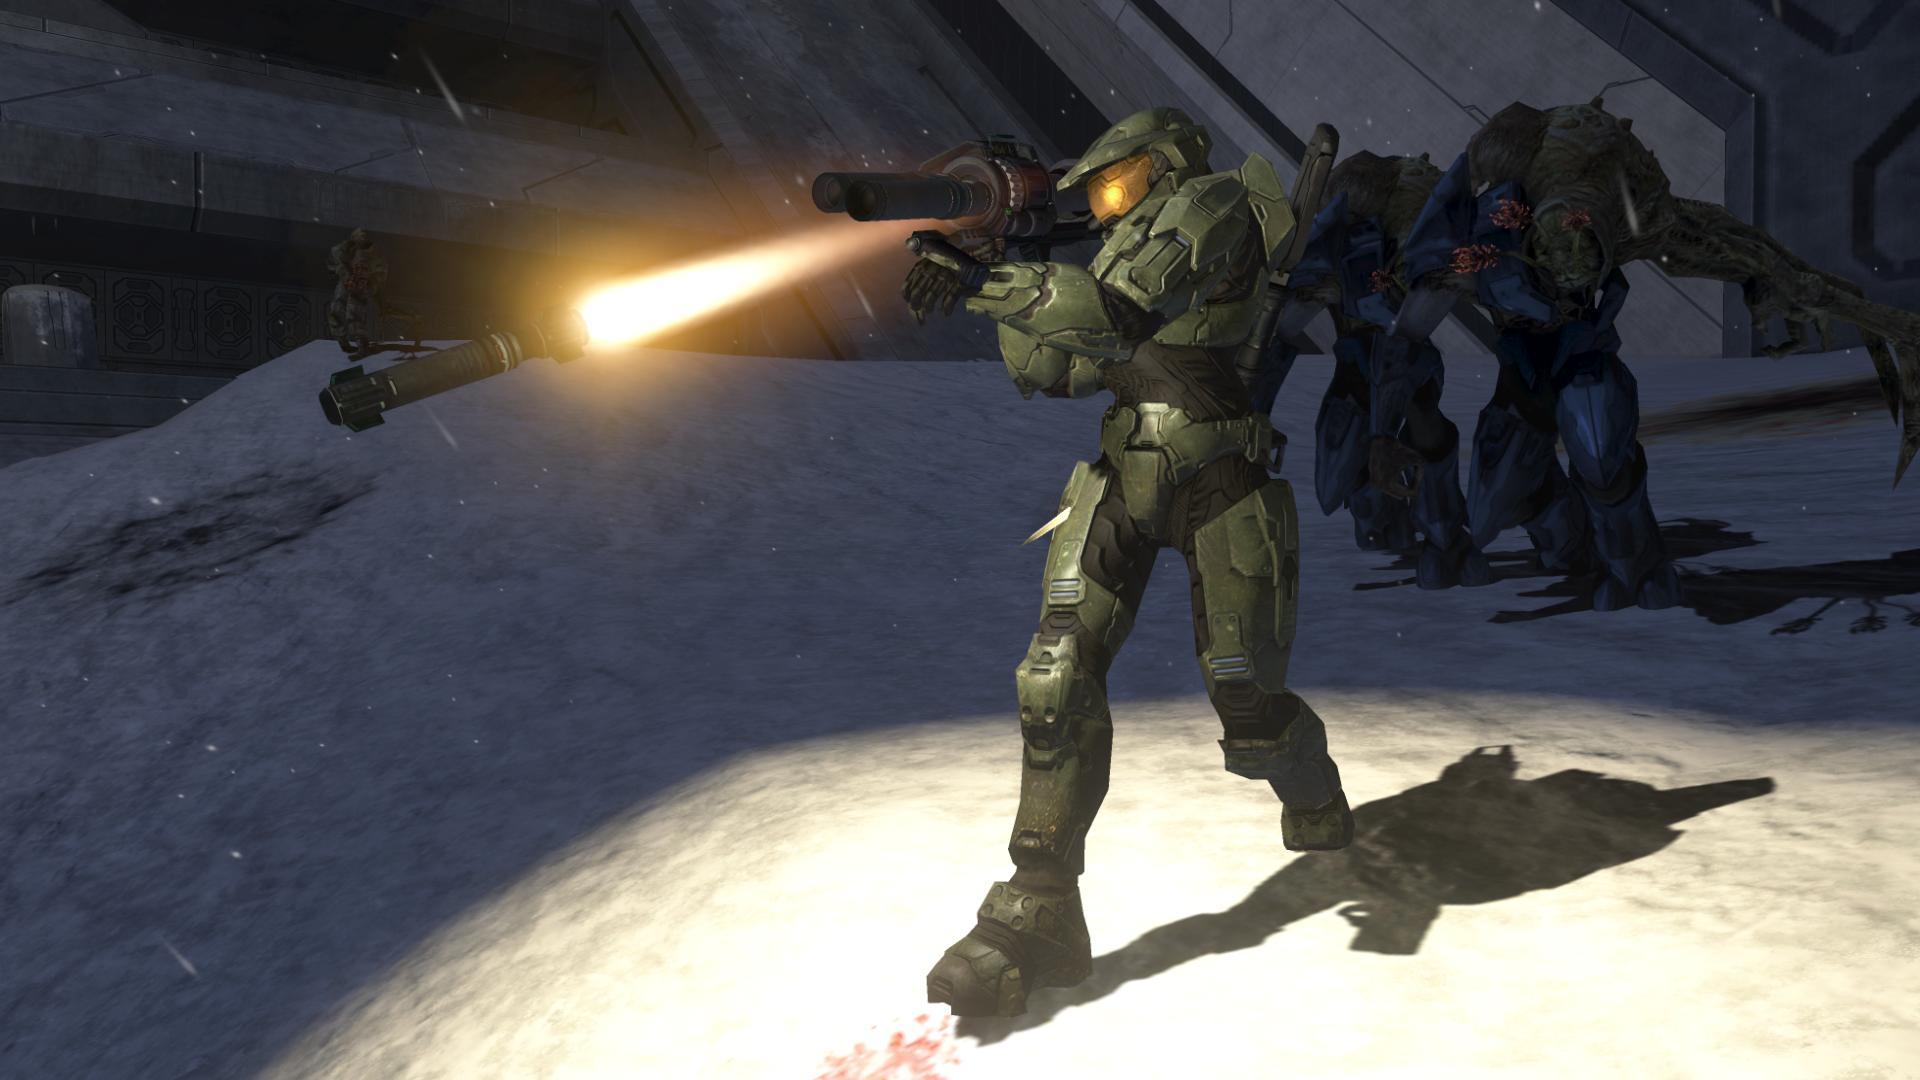 1523564010 e3e2ec29aa o Halo 3: Missile!